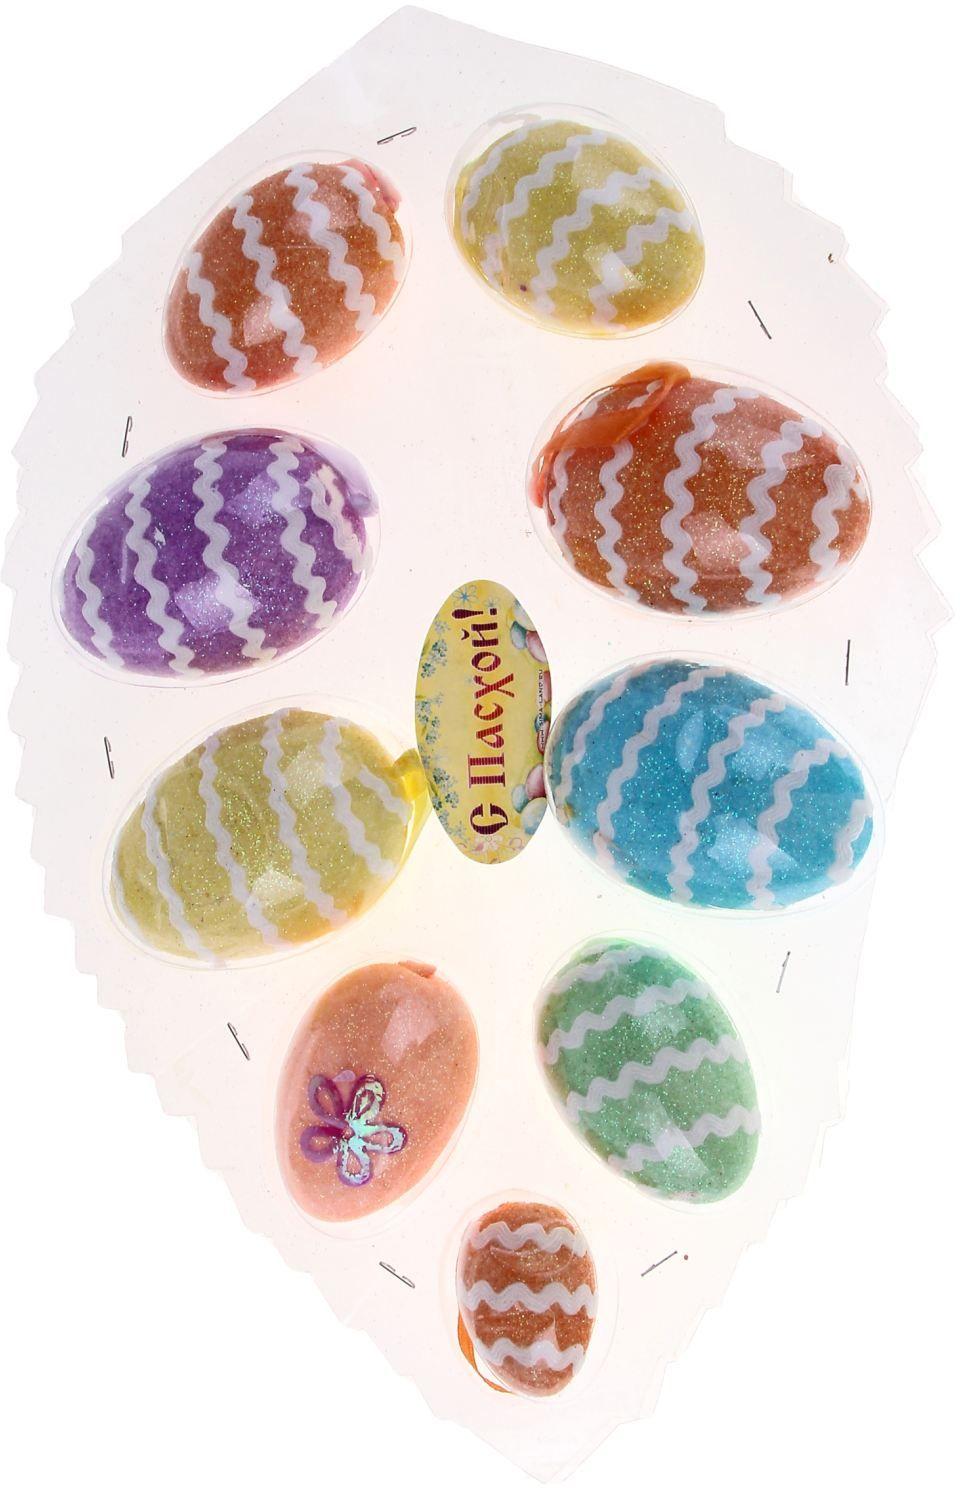 Сувенир пасхальный Sima-land Яйцо. Спиралька, 9 шт1404E-4350Яйцо - это главный пасхальный символ, который символизирует для христиан новую жизнь и возрождение, поэтому его присутствие на праздничном столе является обязательным элементом во многих странах.Сегодня крашеными яйцами принято не только украшать праздничный стол. Если вы решили серьёзно подойти к декору квартиры, и вам нужно, например, подвесить яйца, закрепить на веточках, в этом вам поможет сувенир - пасхальное яйцо Спиралька (набор 9 шт) - очаровательный символ, который покорит сердце каждого. Можете уложить эти чудесные яйца в плетёную корзинку, на красивую салфетку, и перед вами уже готовый подарок или композиция для сервировки стола. Приобретая такой сувенир, вы сэкономите кучу времени на росписи яиц, оставив его на выпечку самого вкусного кулича.